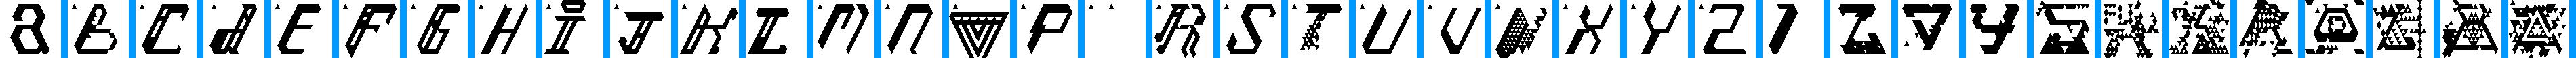 Particip-a-type v.275